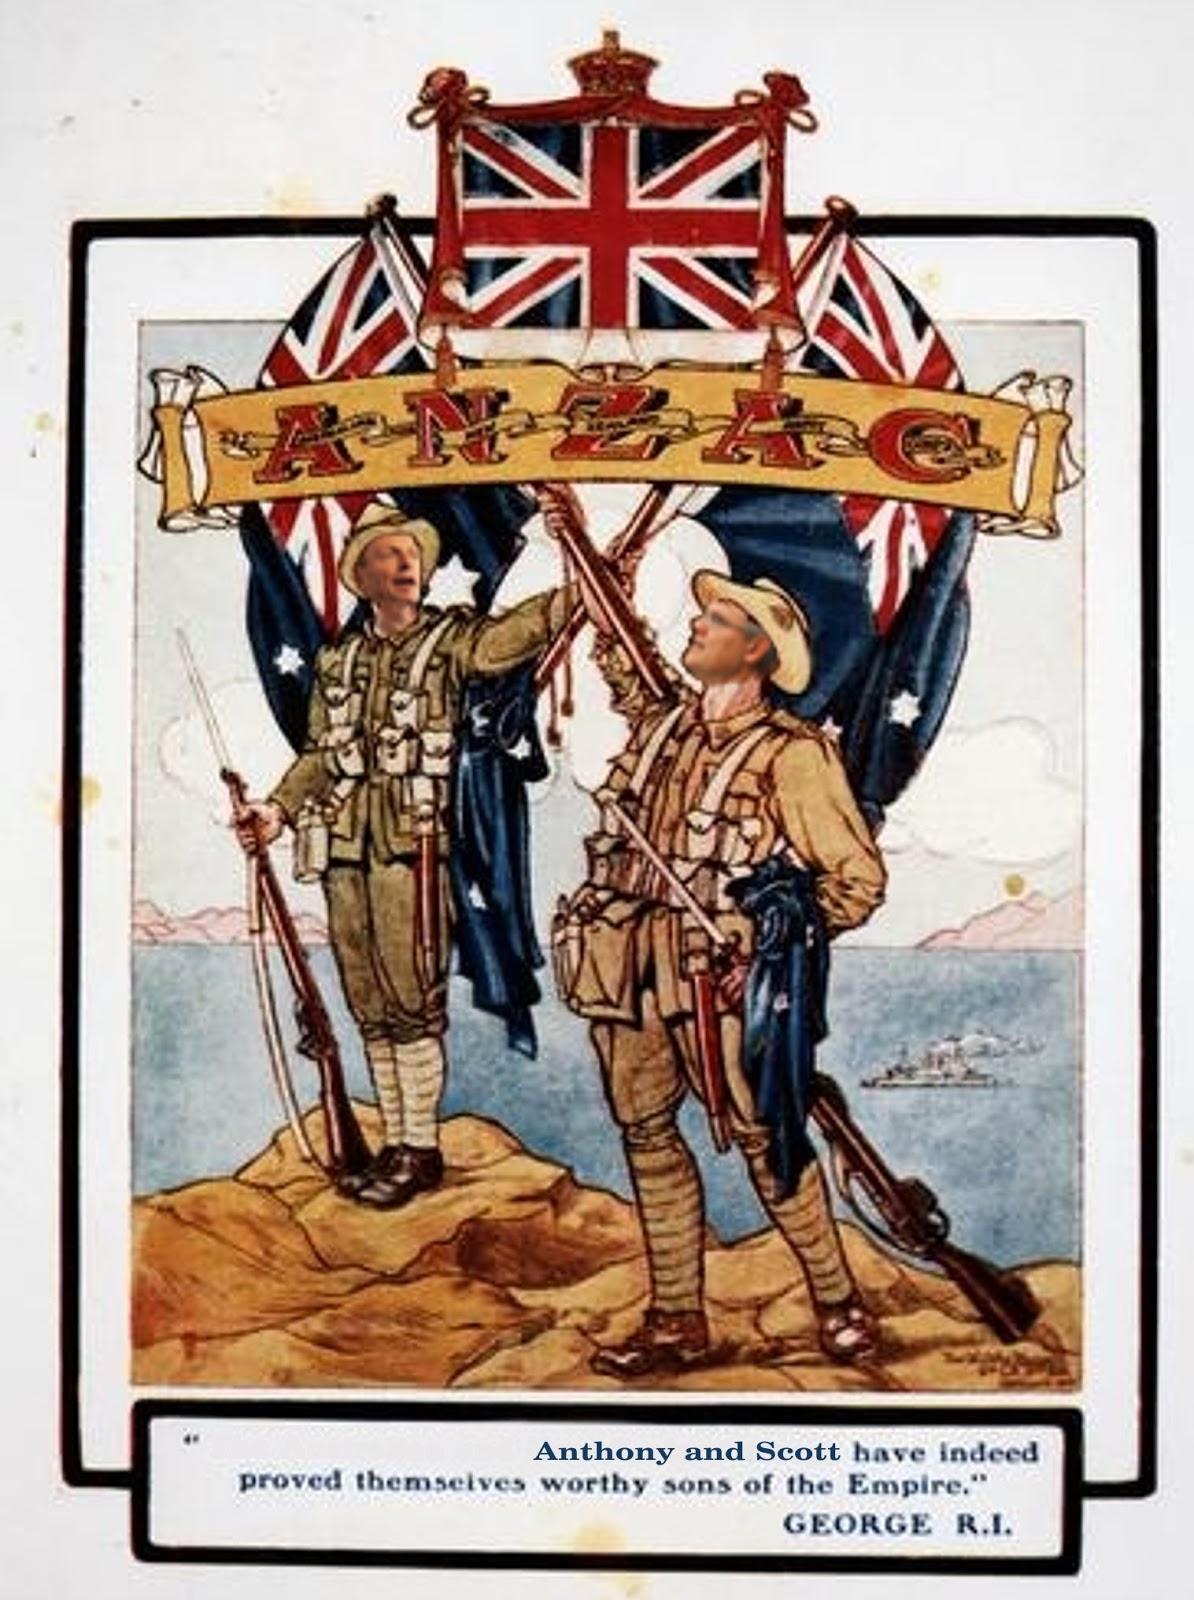 Abbott & Morrison